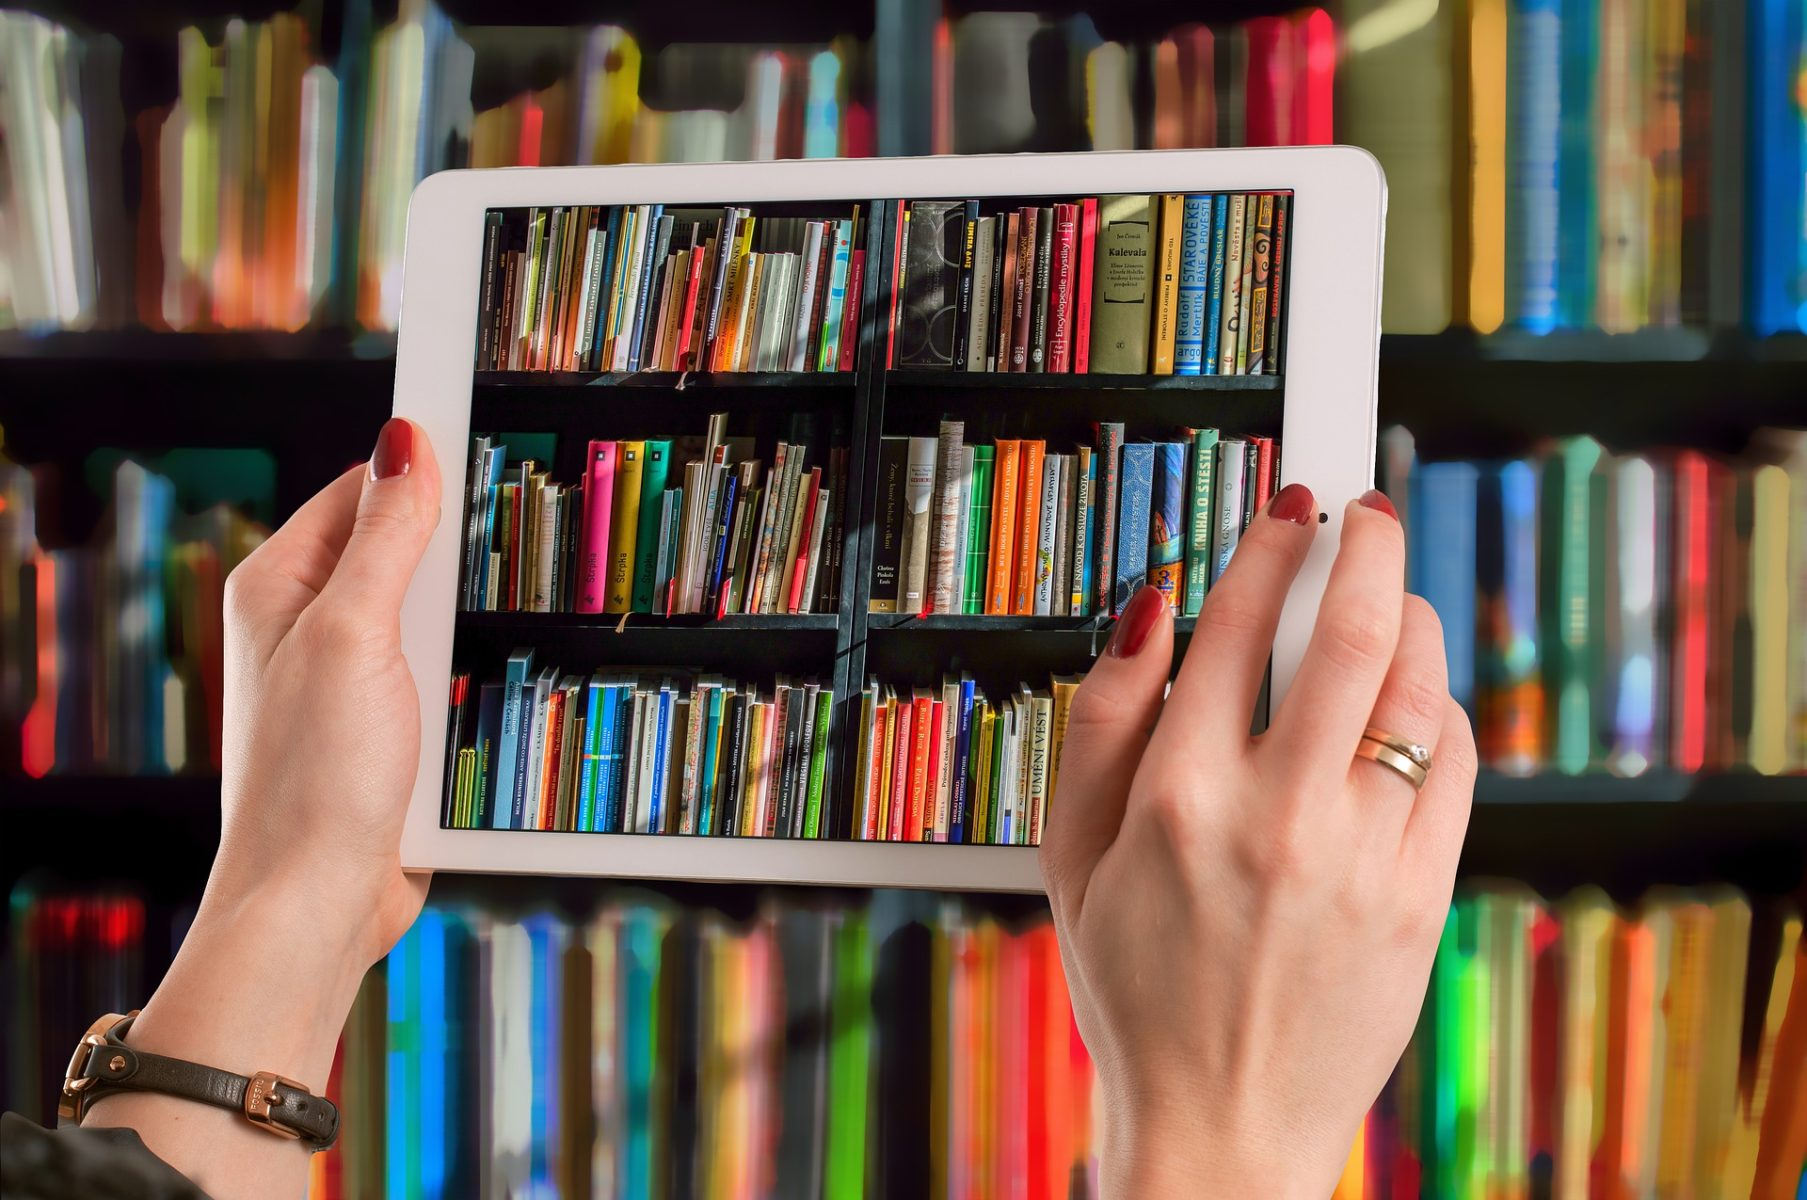 Book consumption